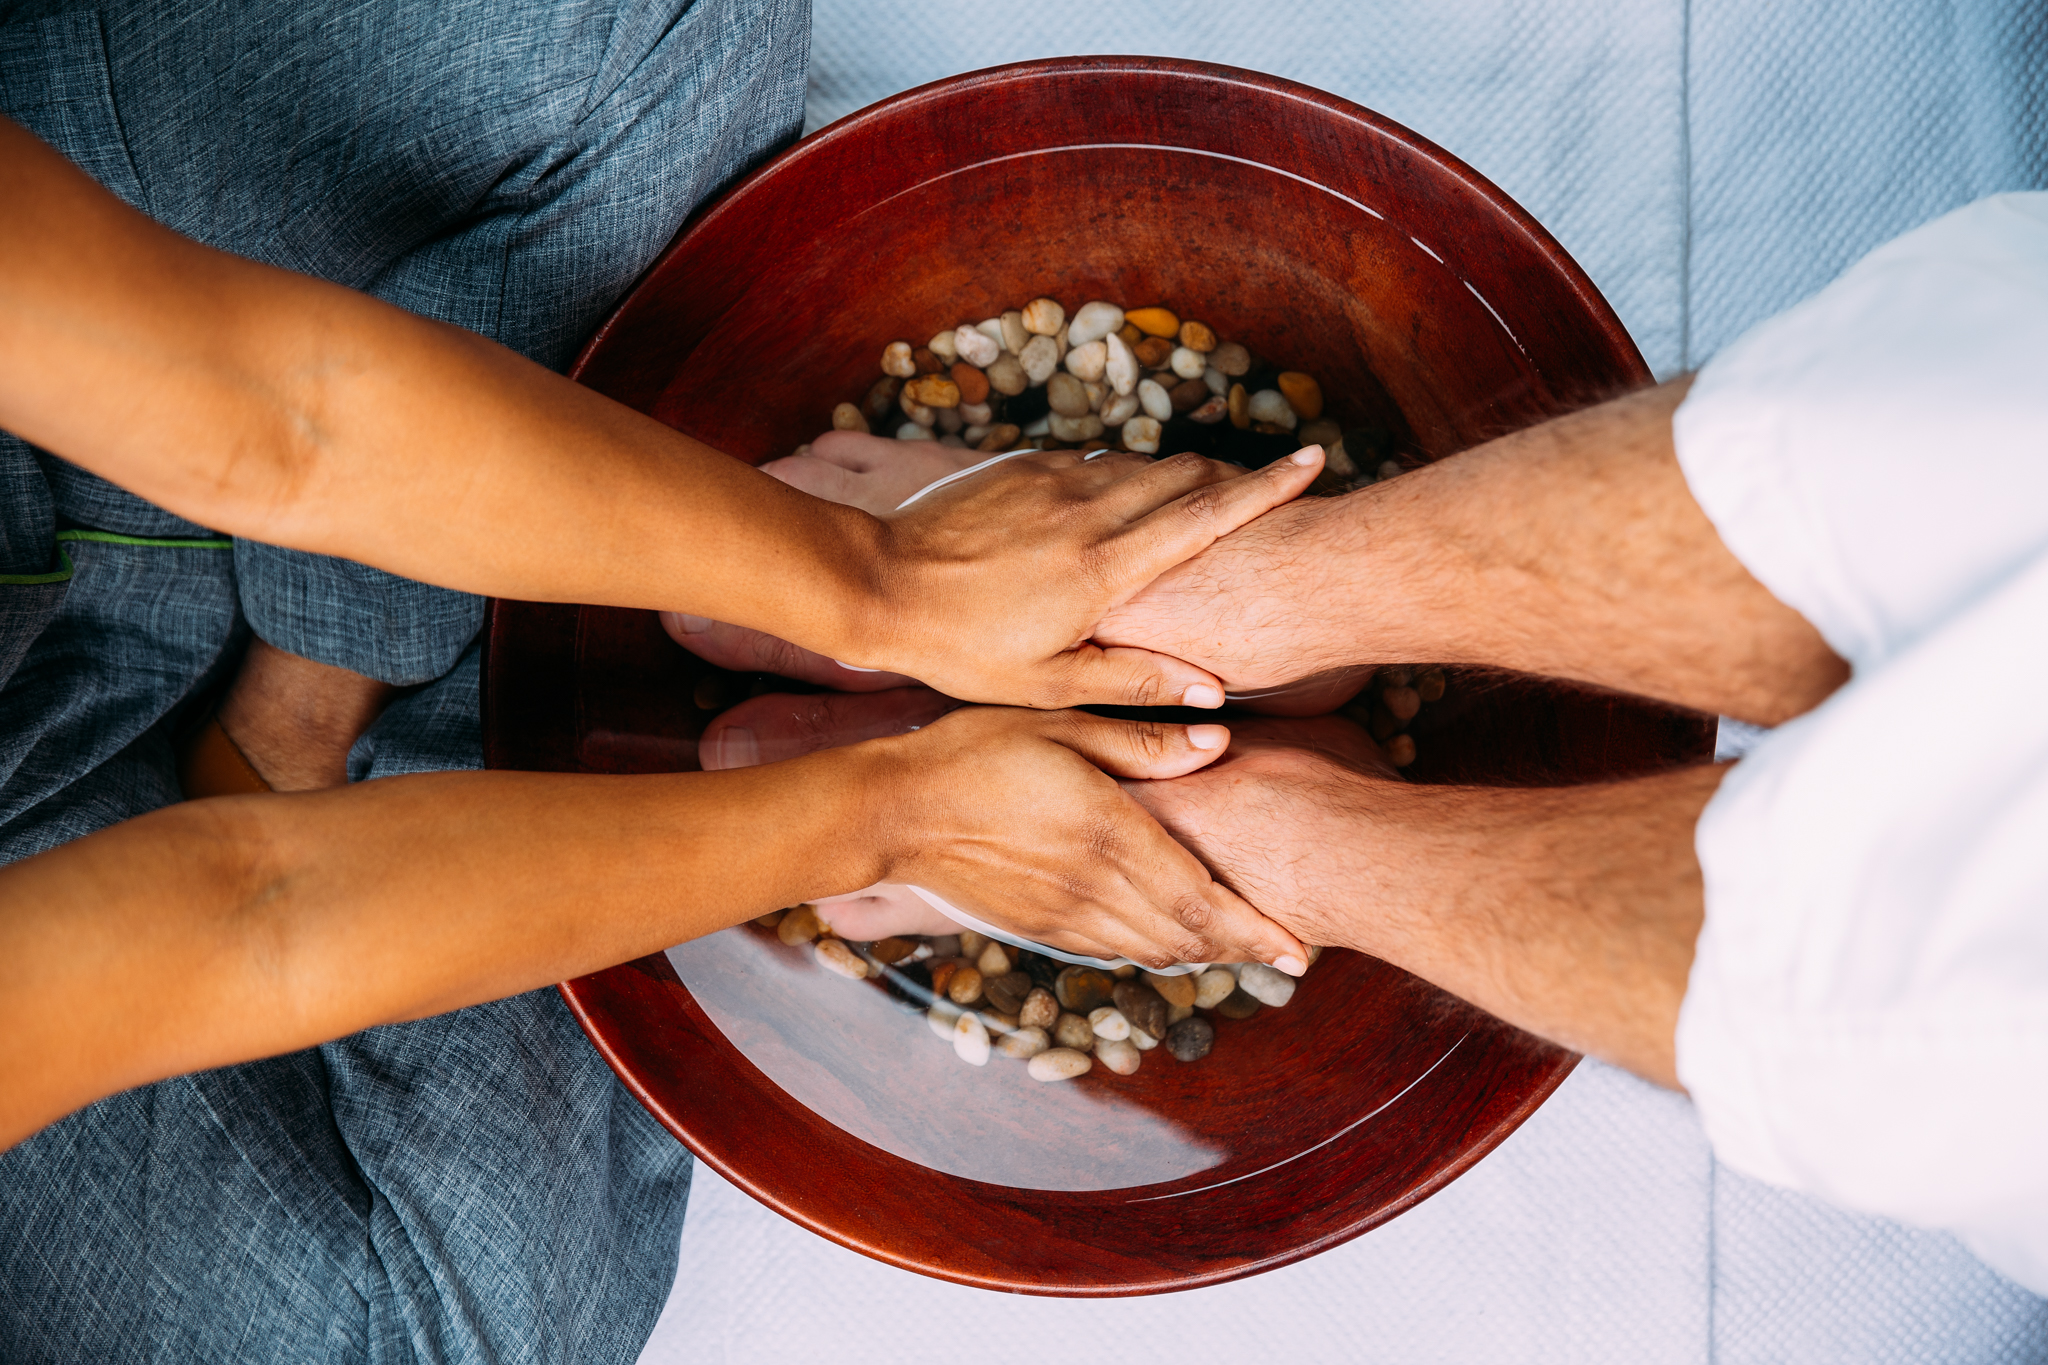 Delaire Graff Spa therapist's hands giving male a foot ritual